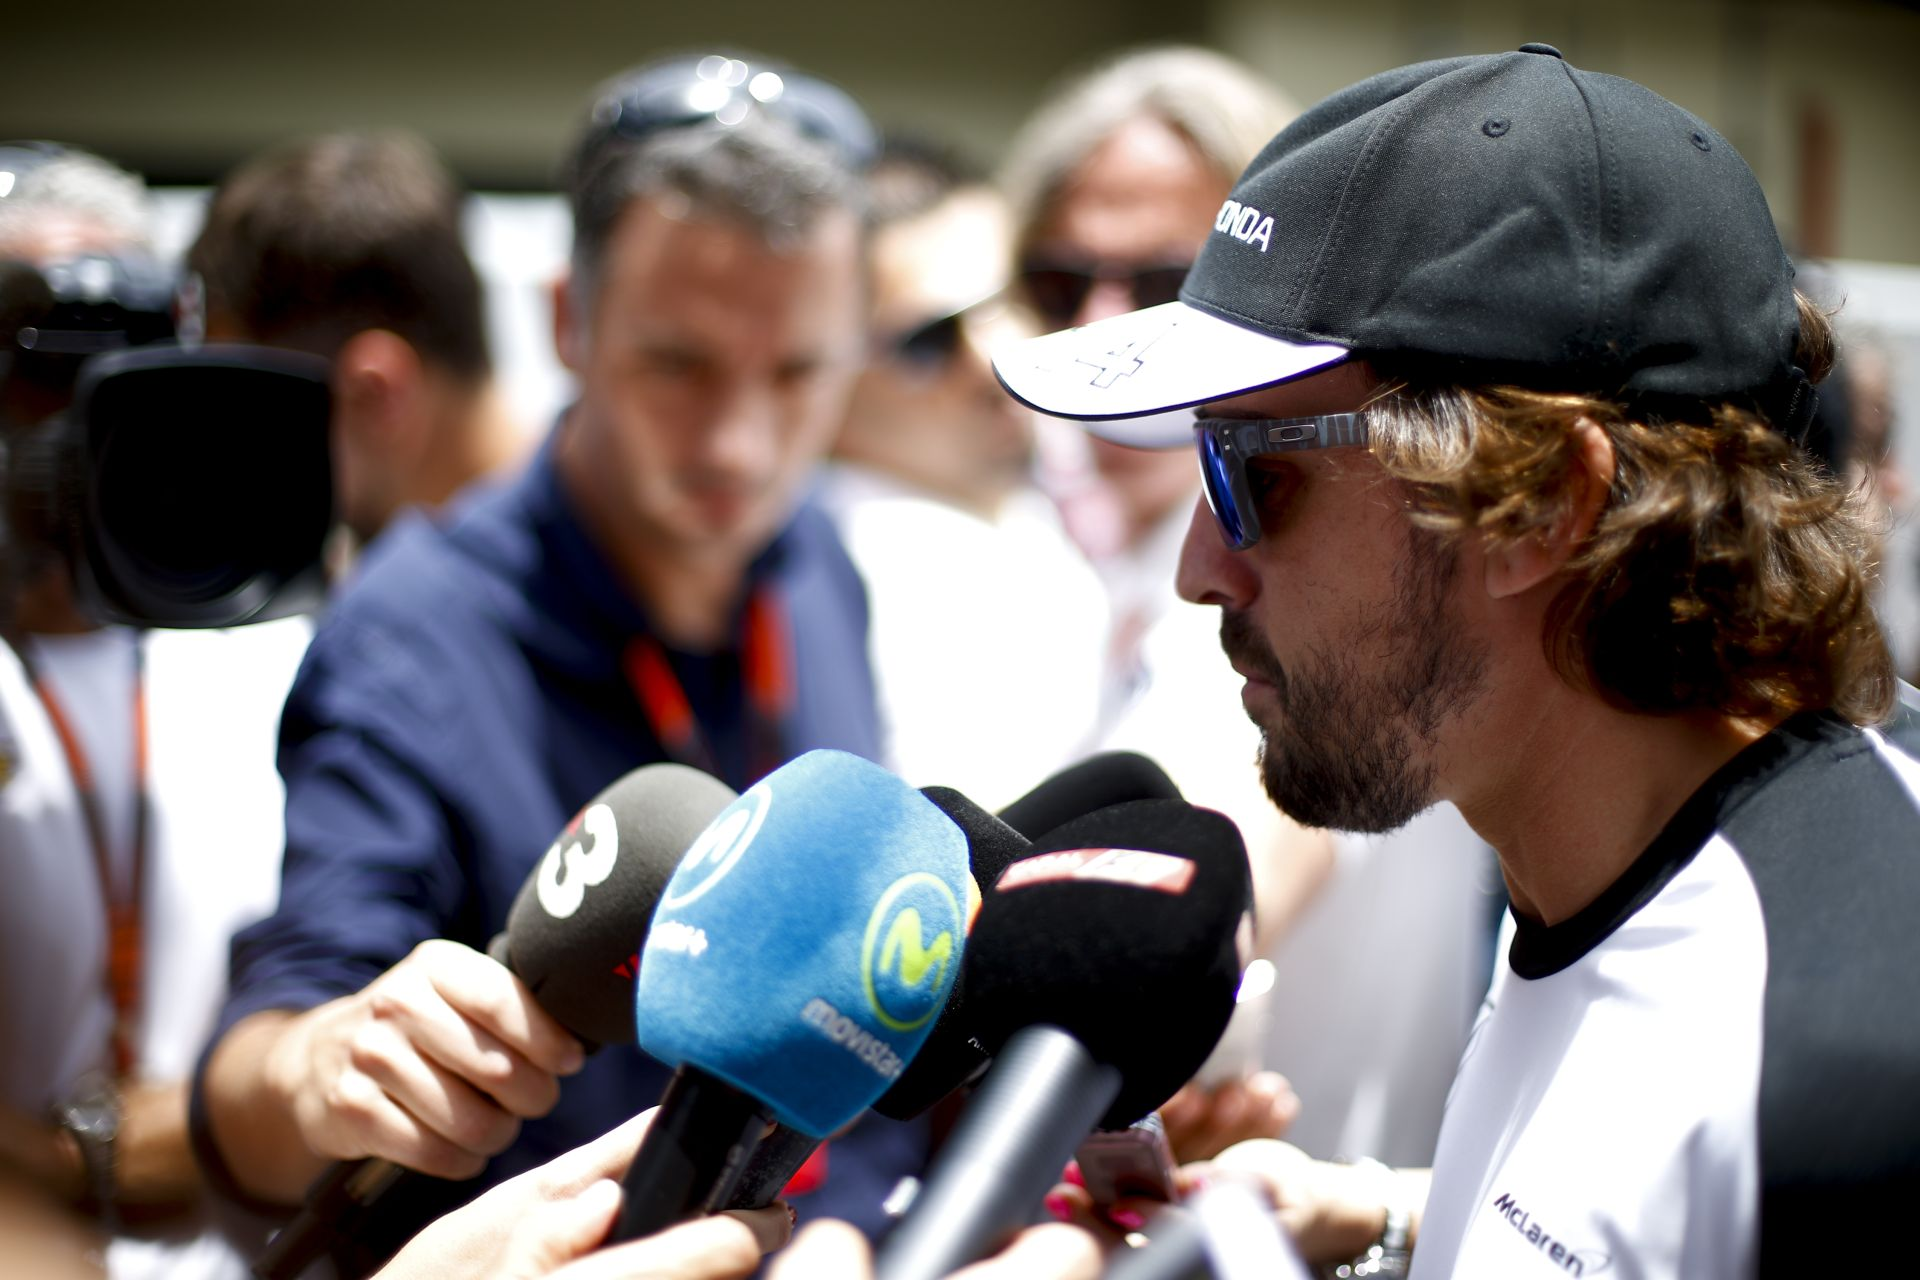 Alonso elismerte, motivációs gondjai vannak a McLaren-Hondánál